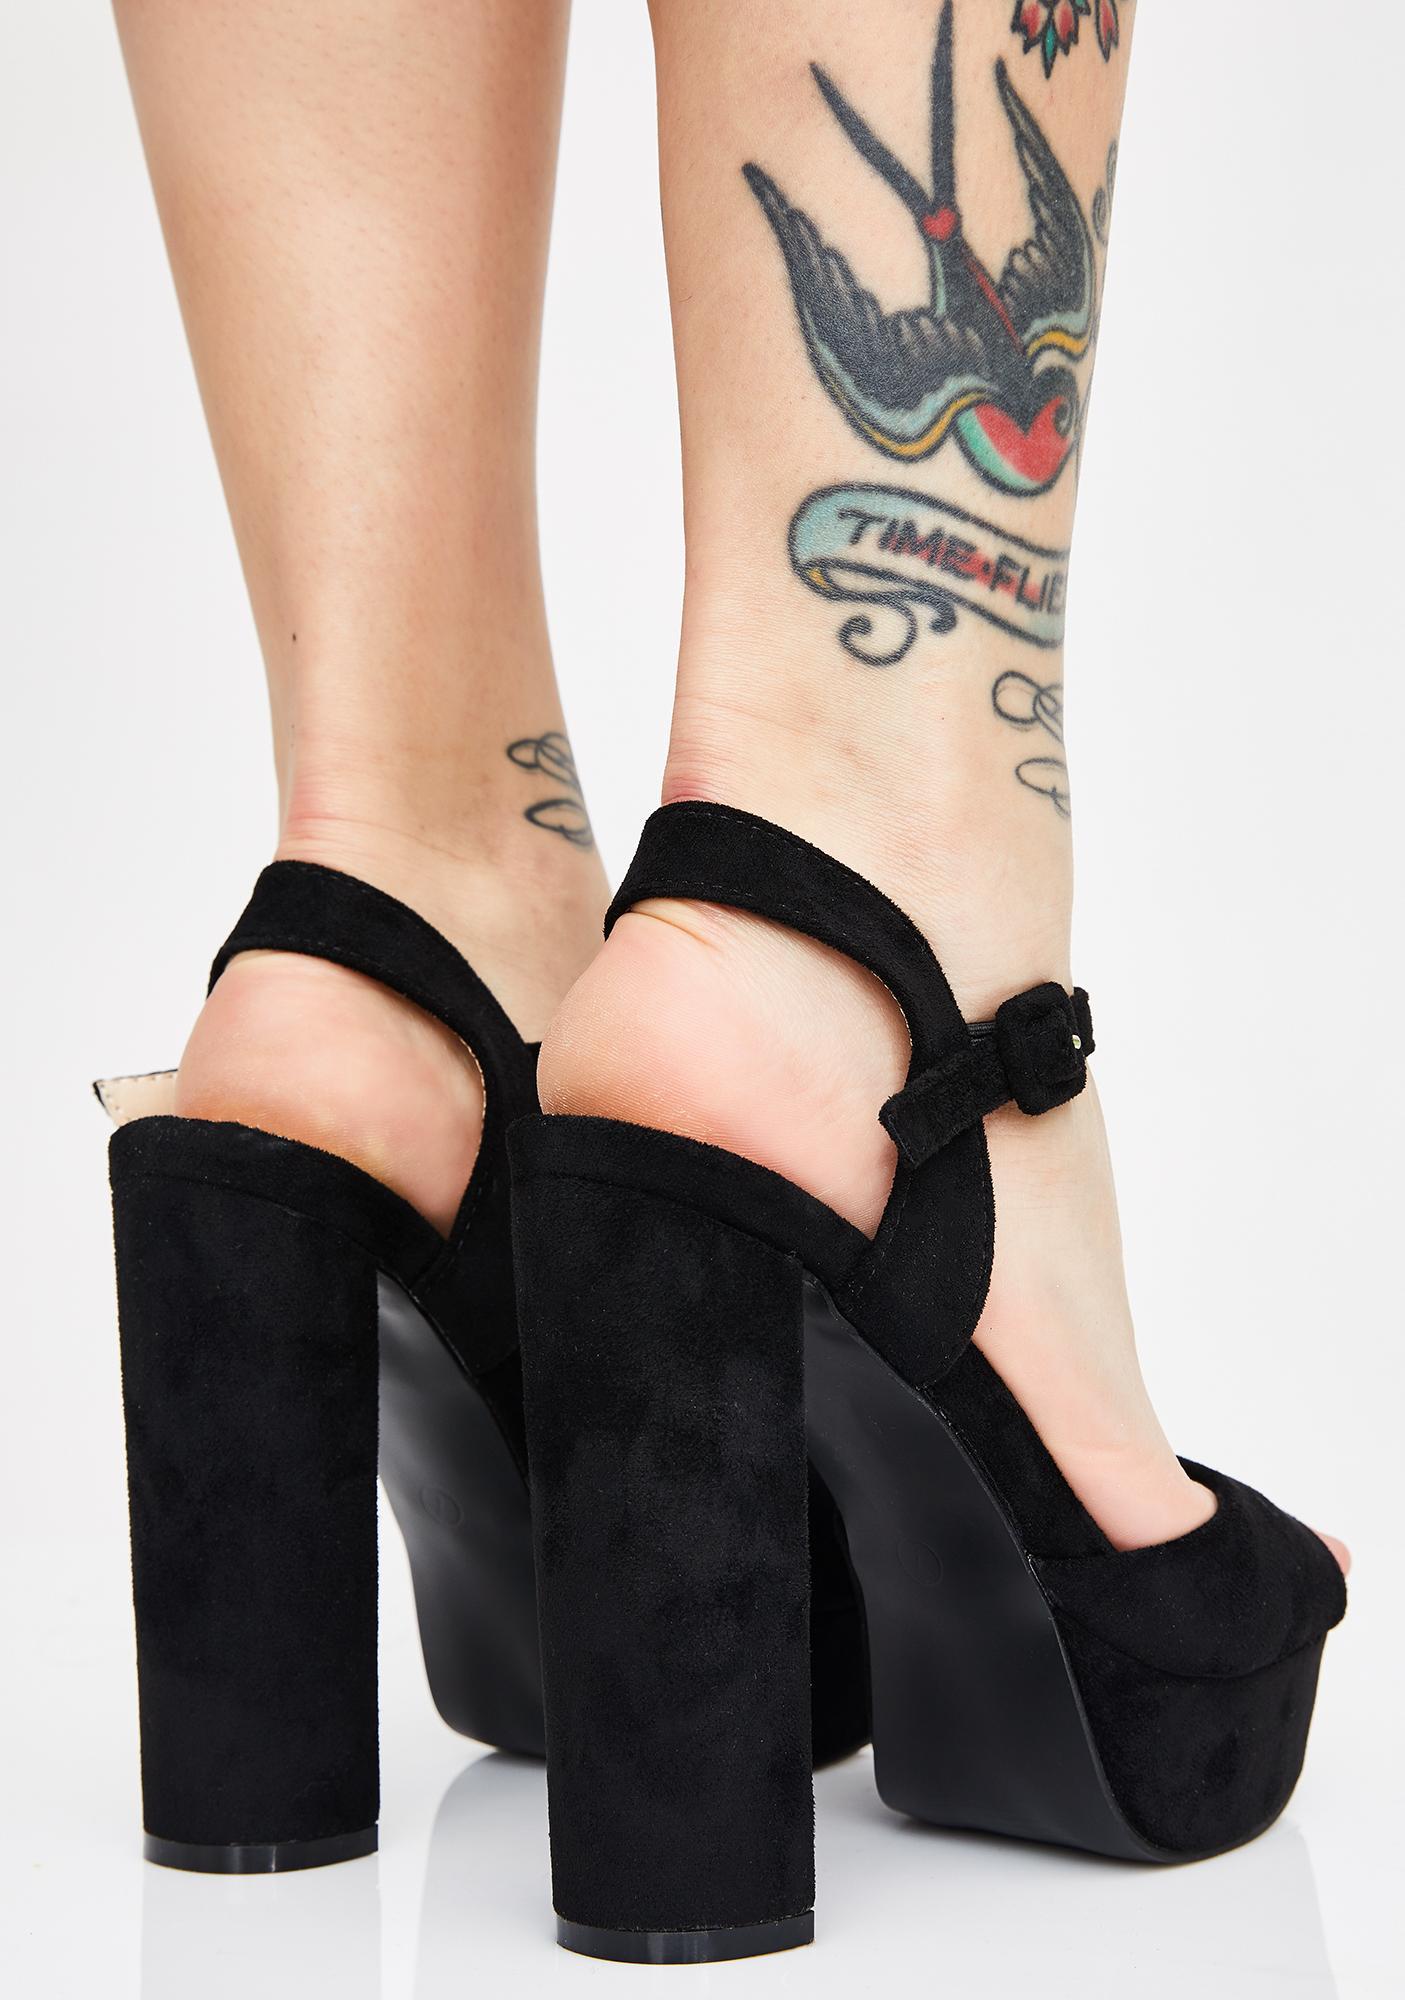 AZALEA WANG La La La Fleur Platform Heels